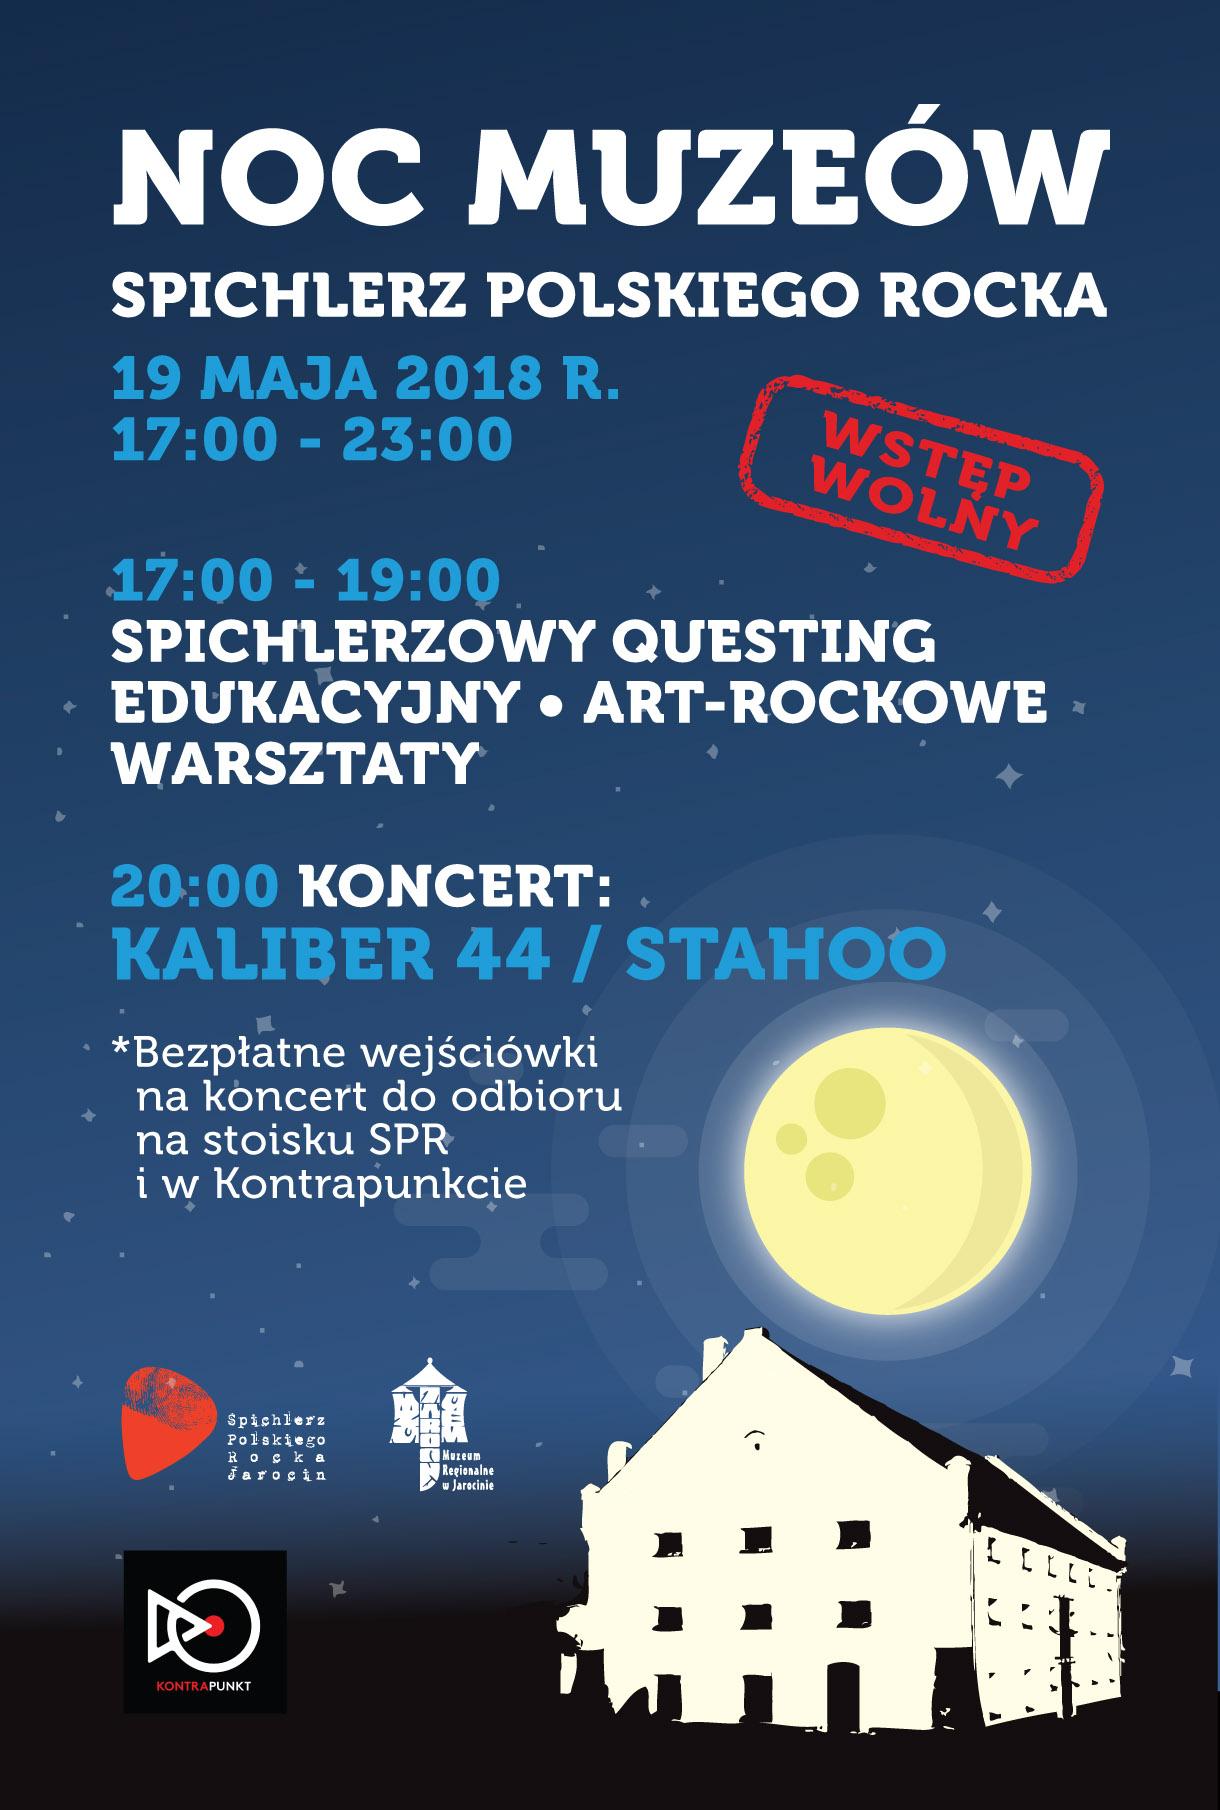 Noc Muzeów w Spichlerzu !!! (19.05.2018 r.)